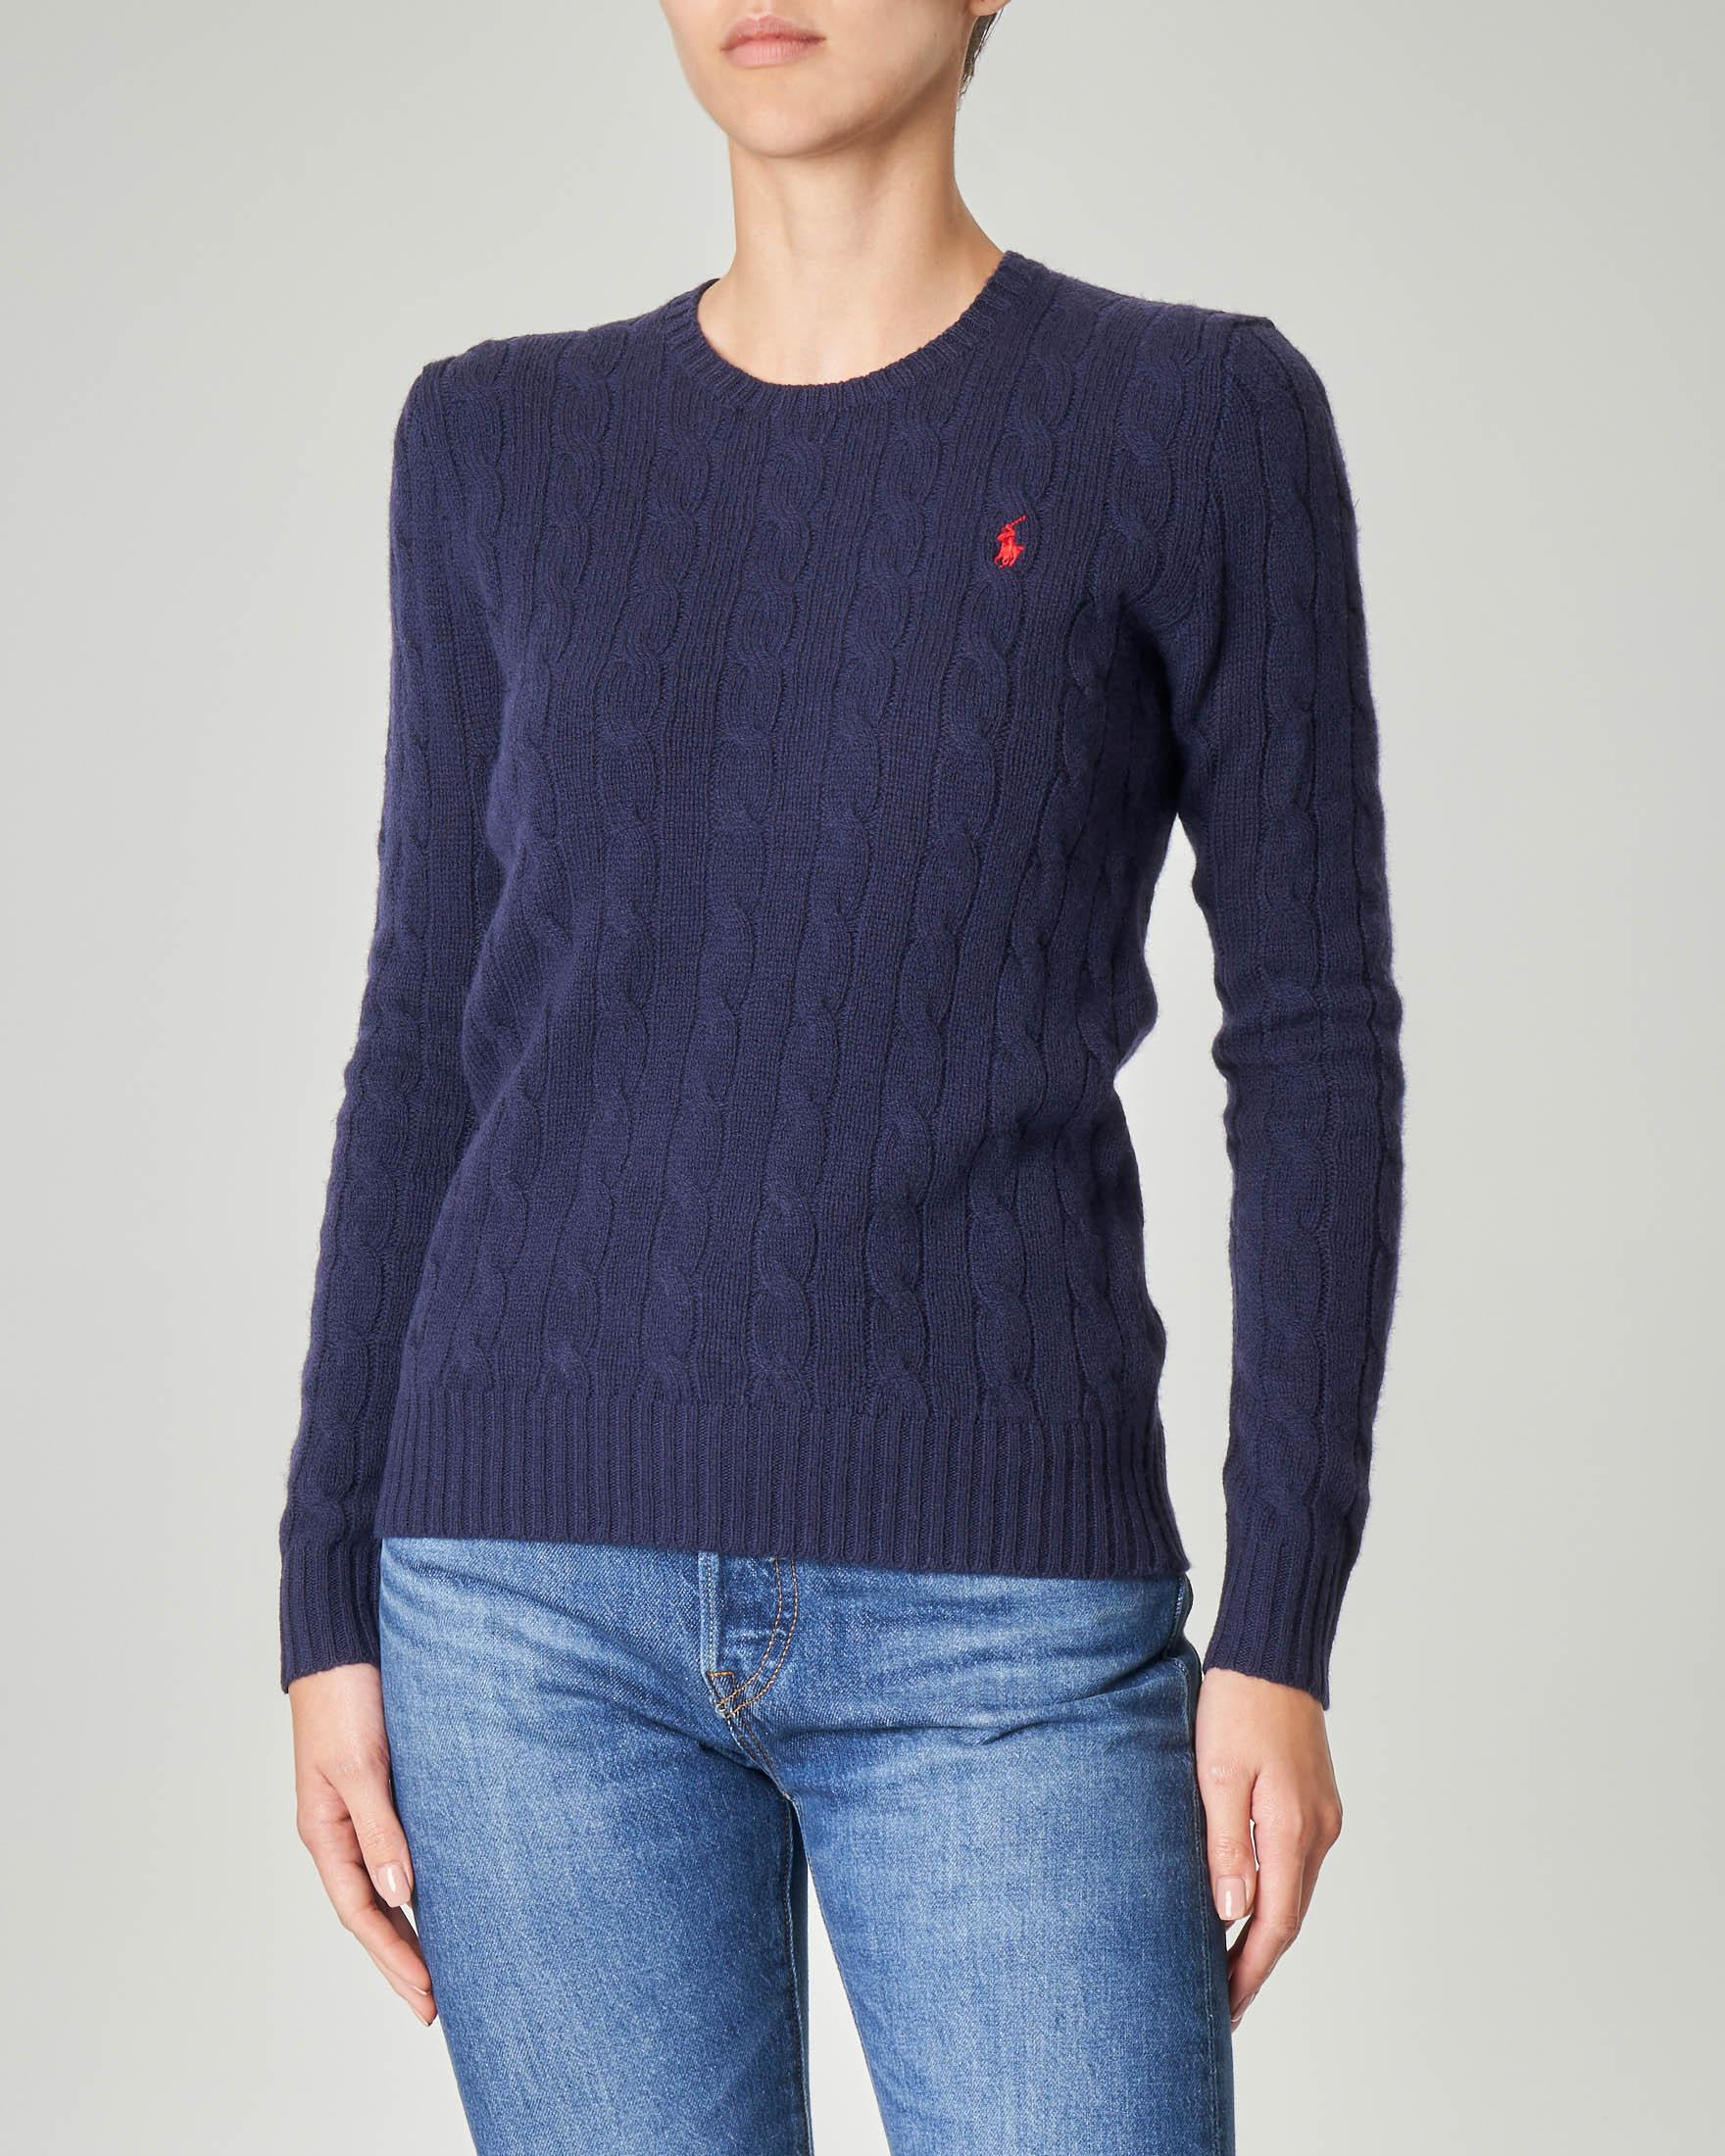 Maglia in lana misto cashmere a trecce colore blu